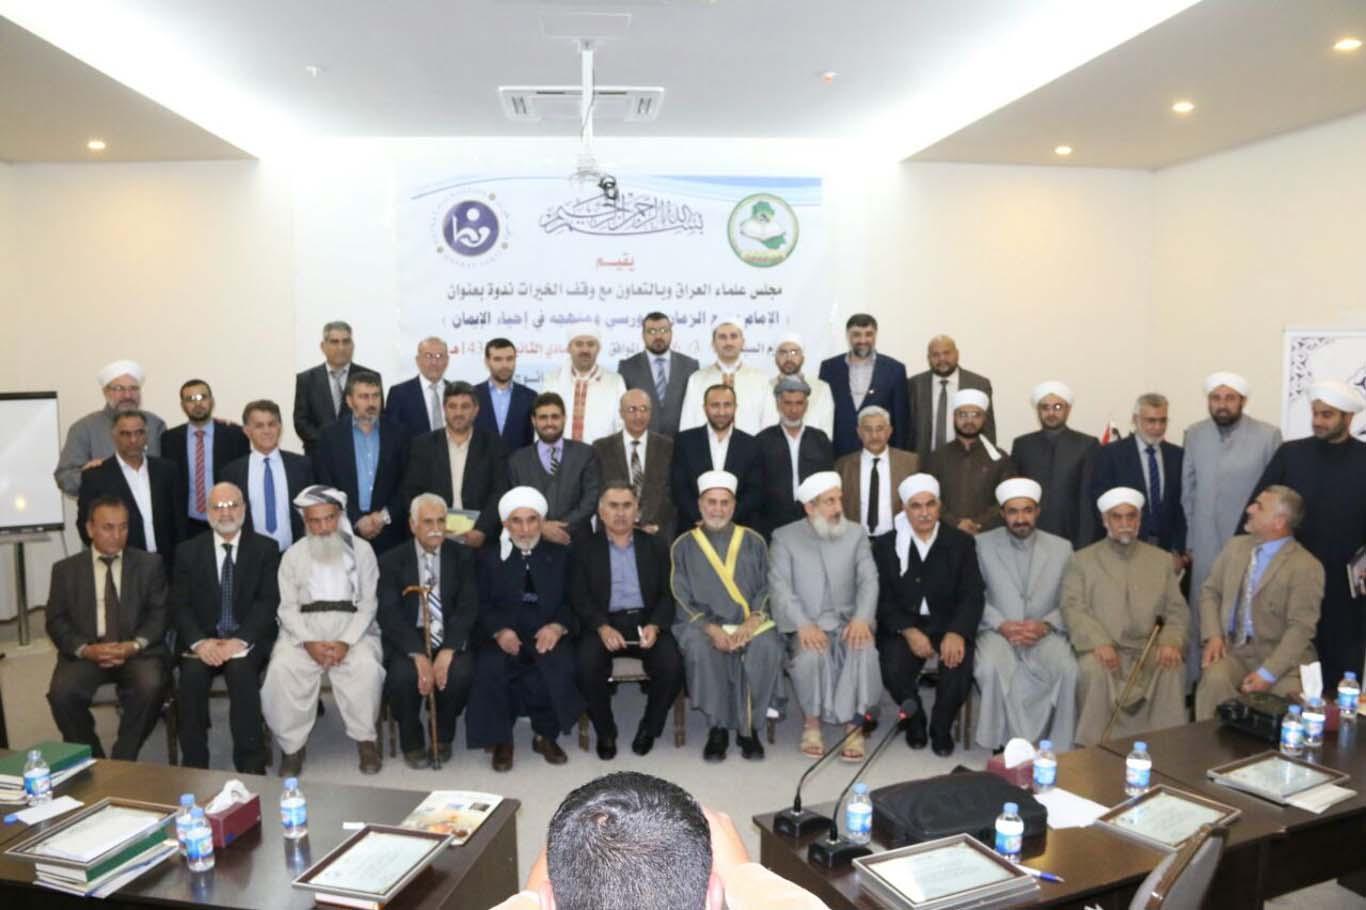 Bediüzzaman Hazretleri için Erbil'de konferans düzenlediler